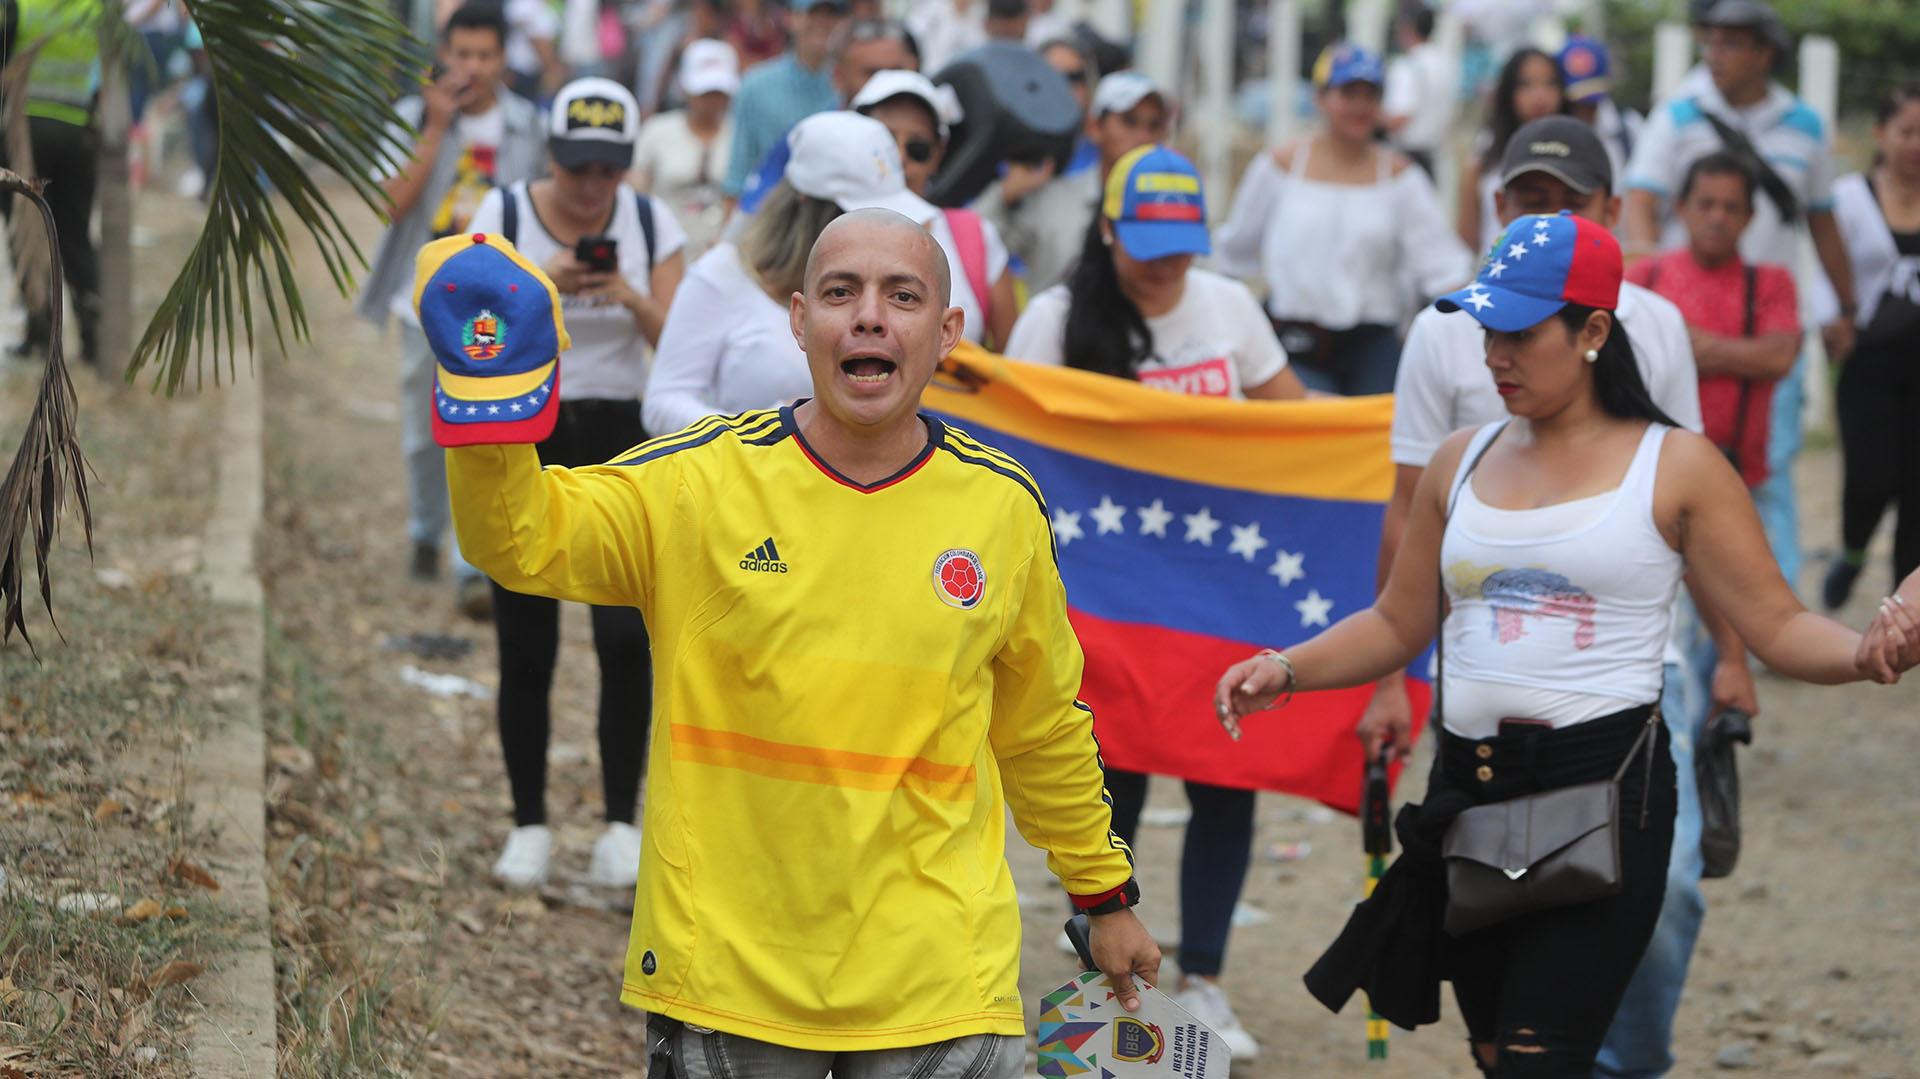 Cientos de venezolanos llegan al concierto para apoyar el restablecimiento de la democracia en Venezuela.